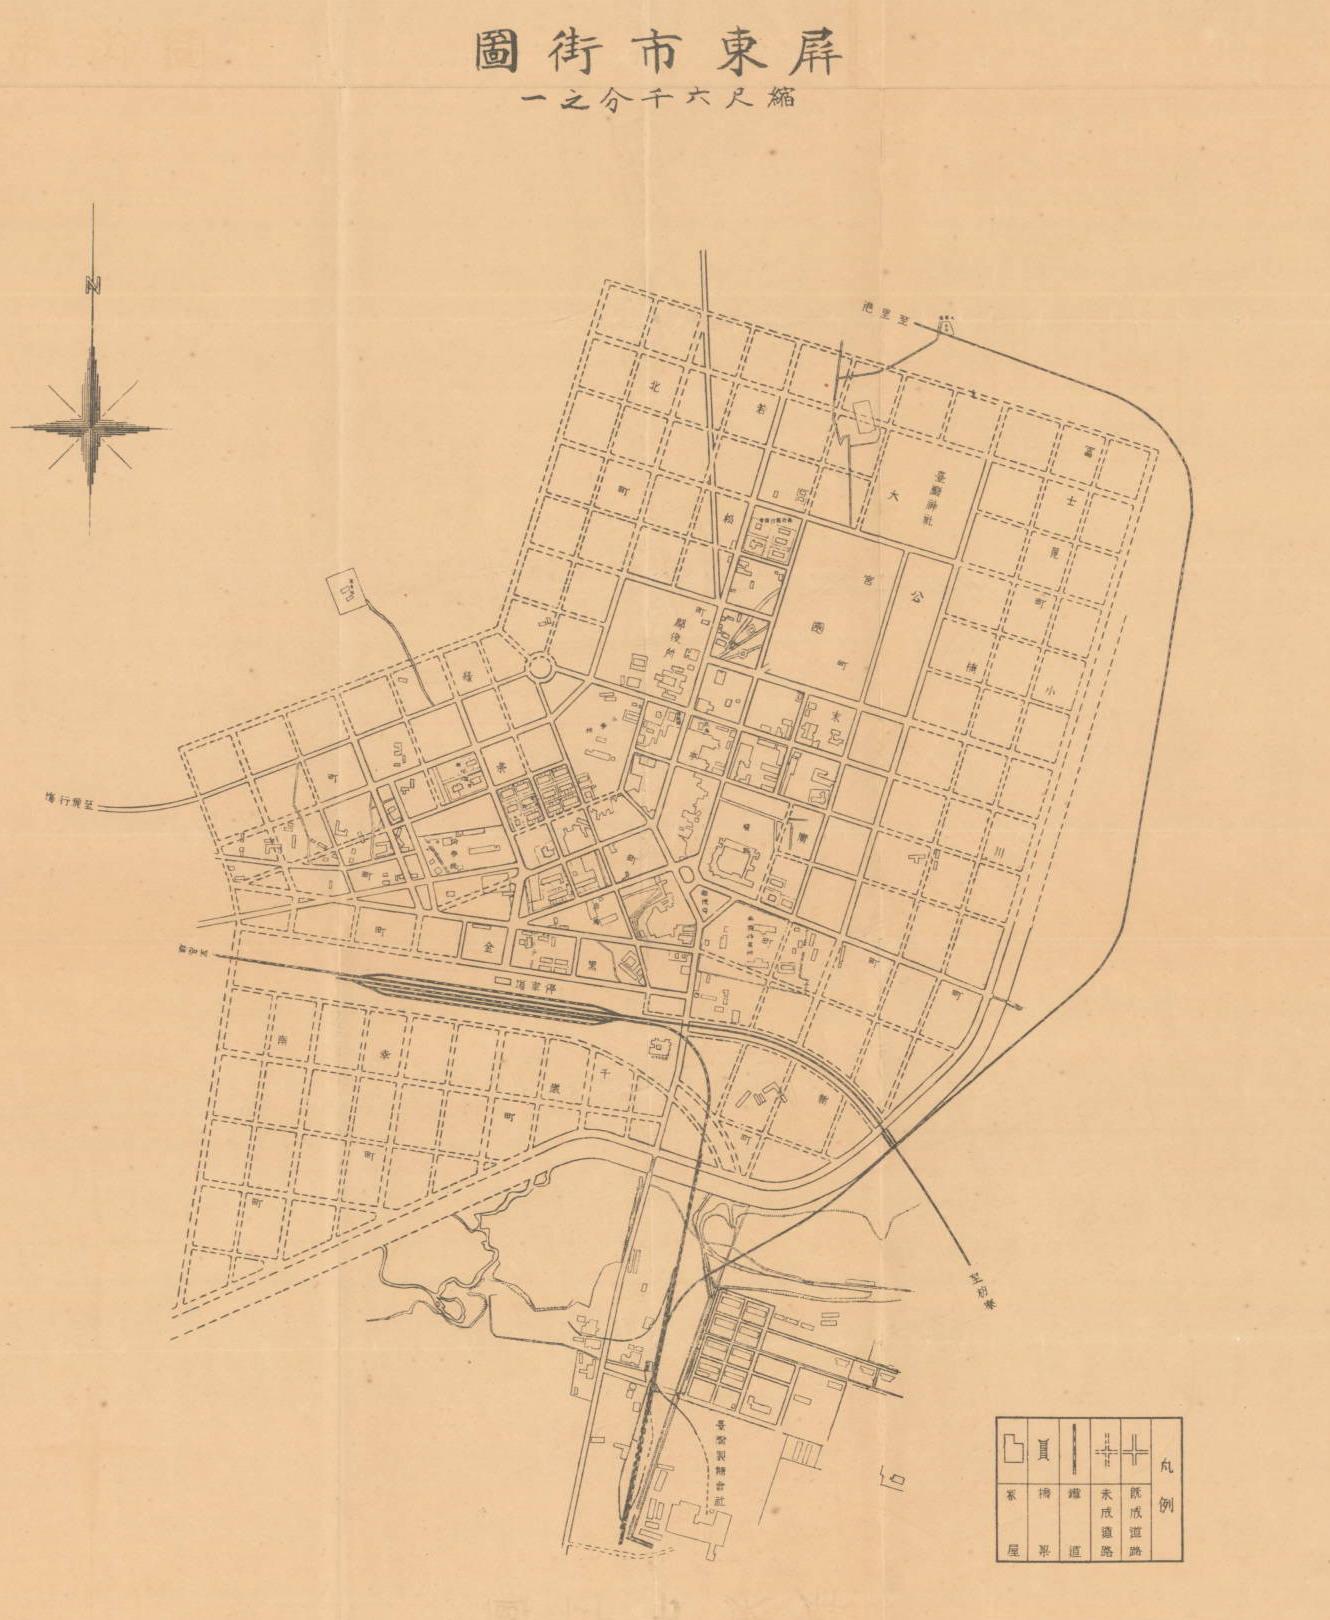 屏東市町名位置圖